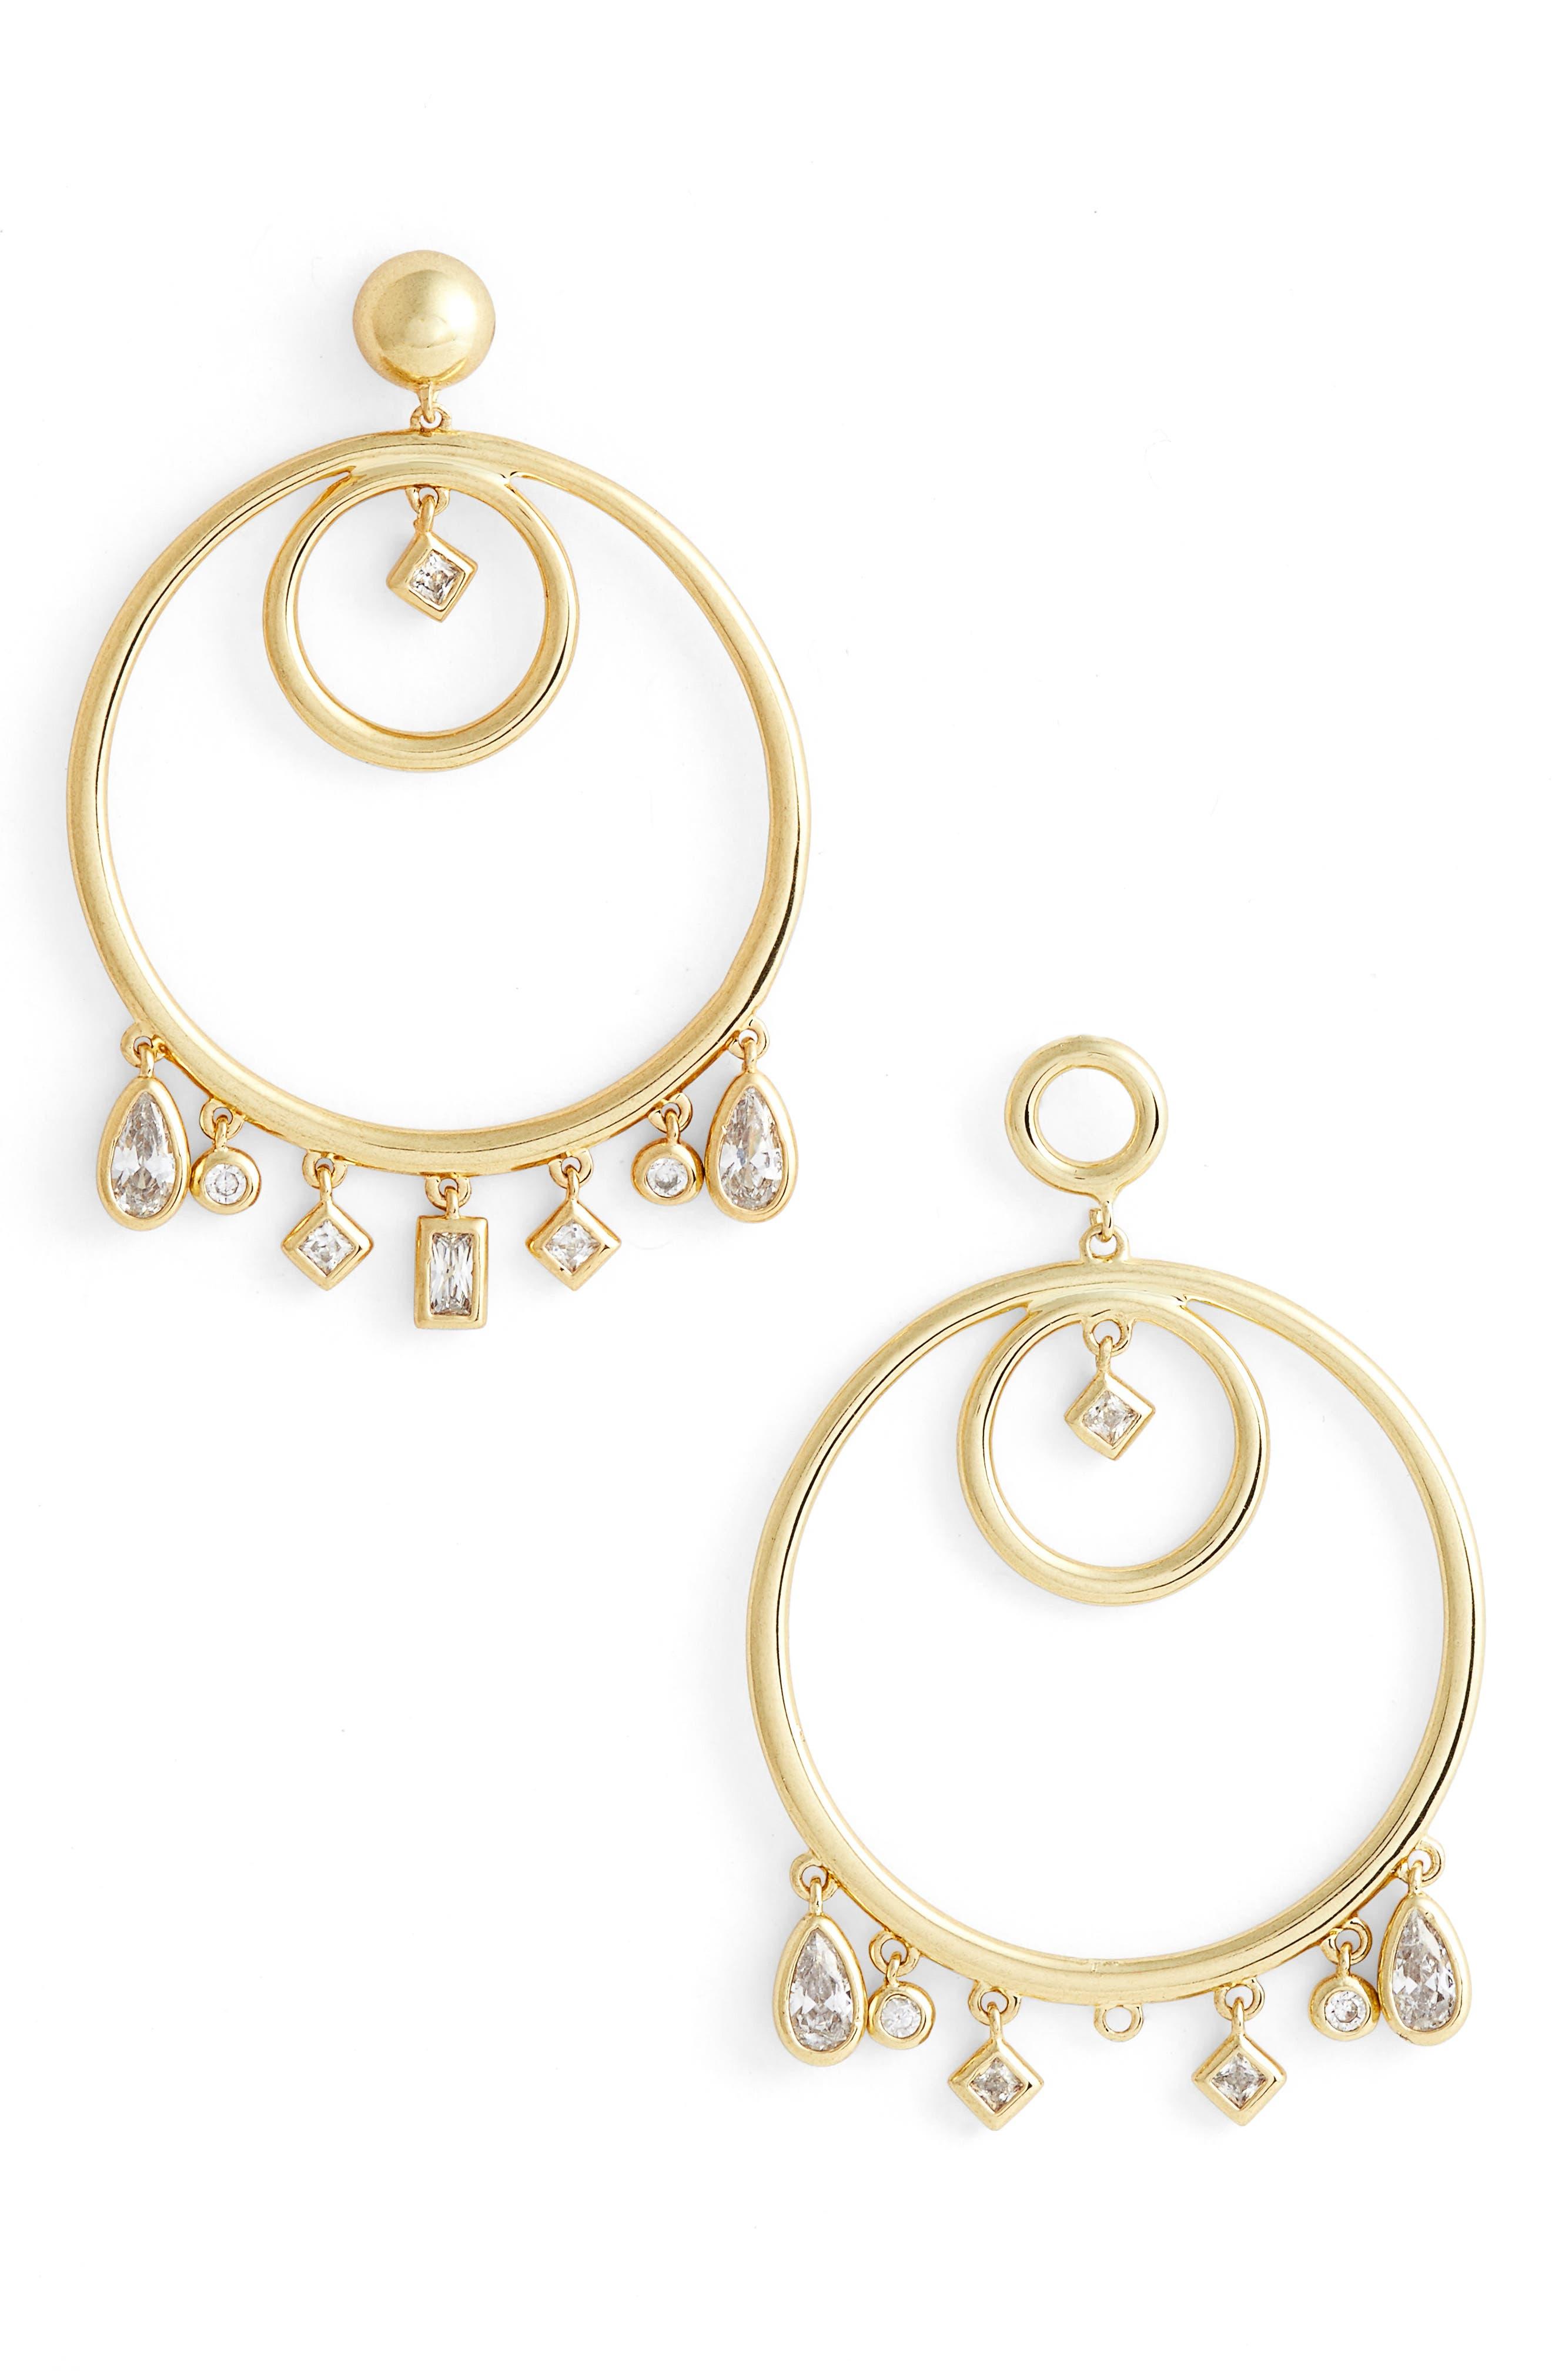 Main Image - Luv AJ Hanging Jewel Frontal Hoop Earrings